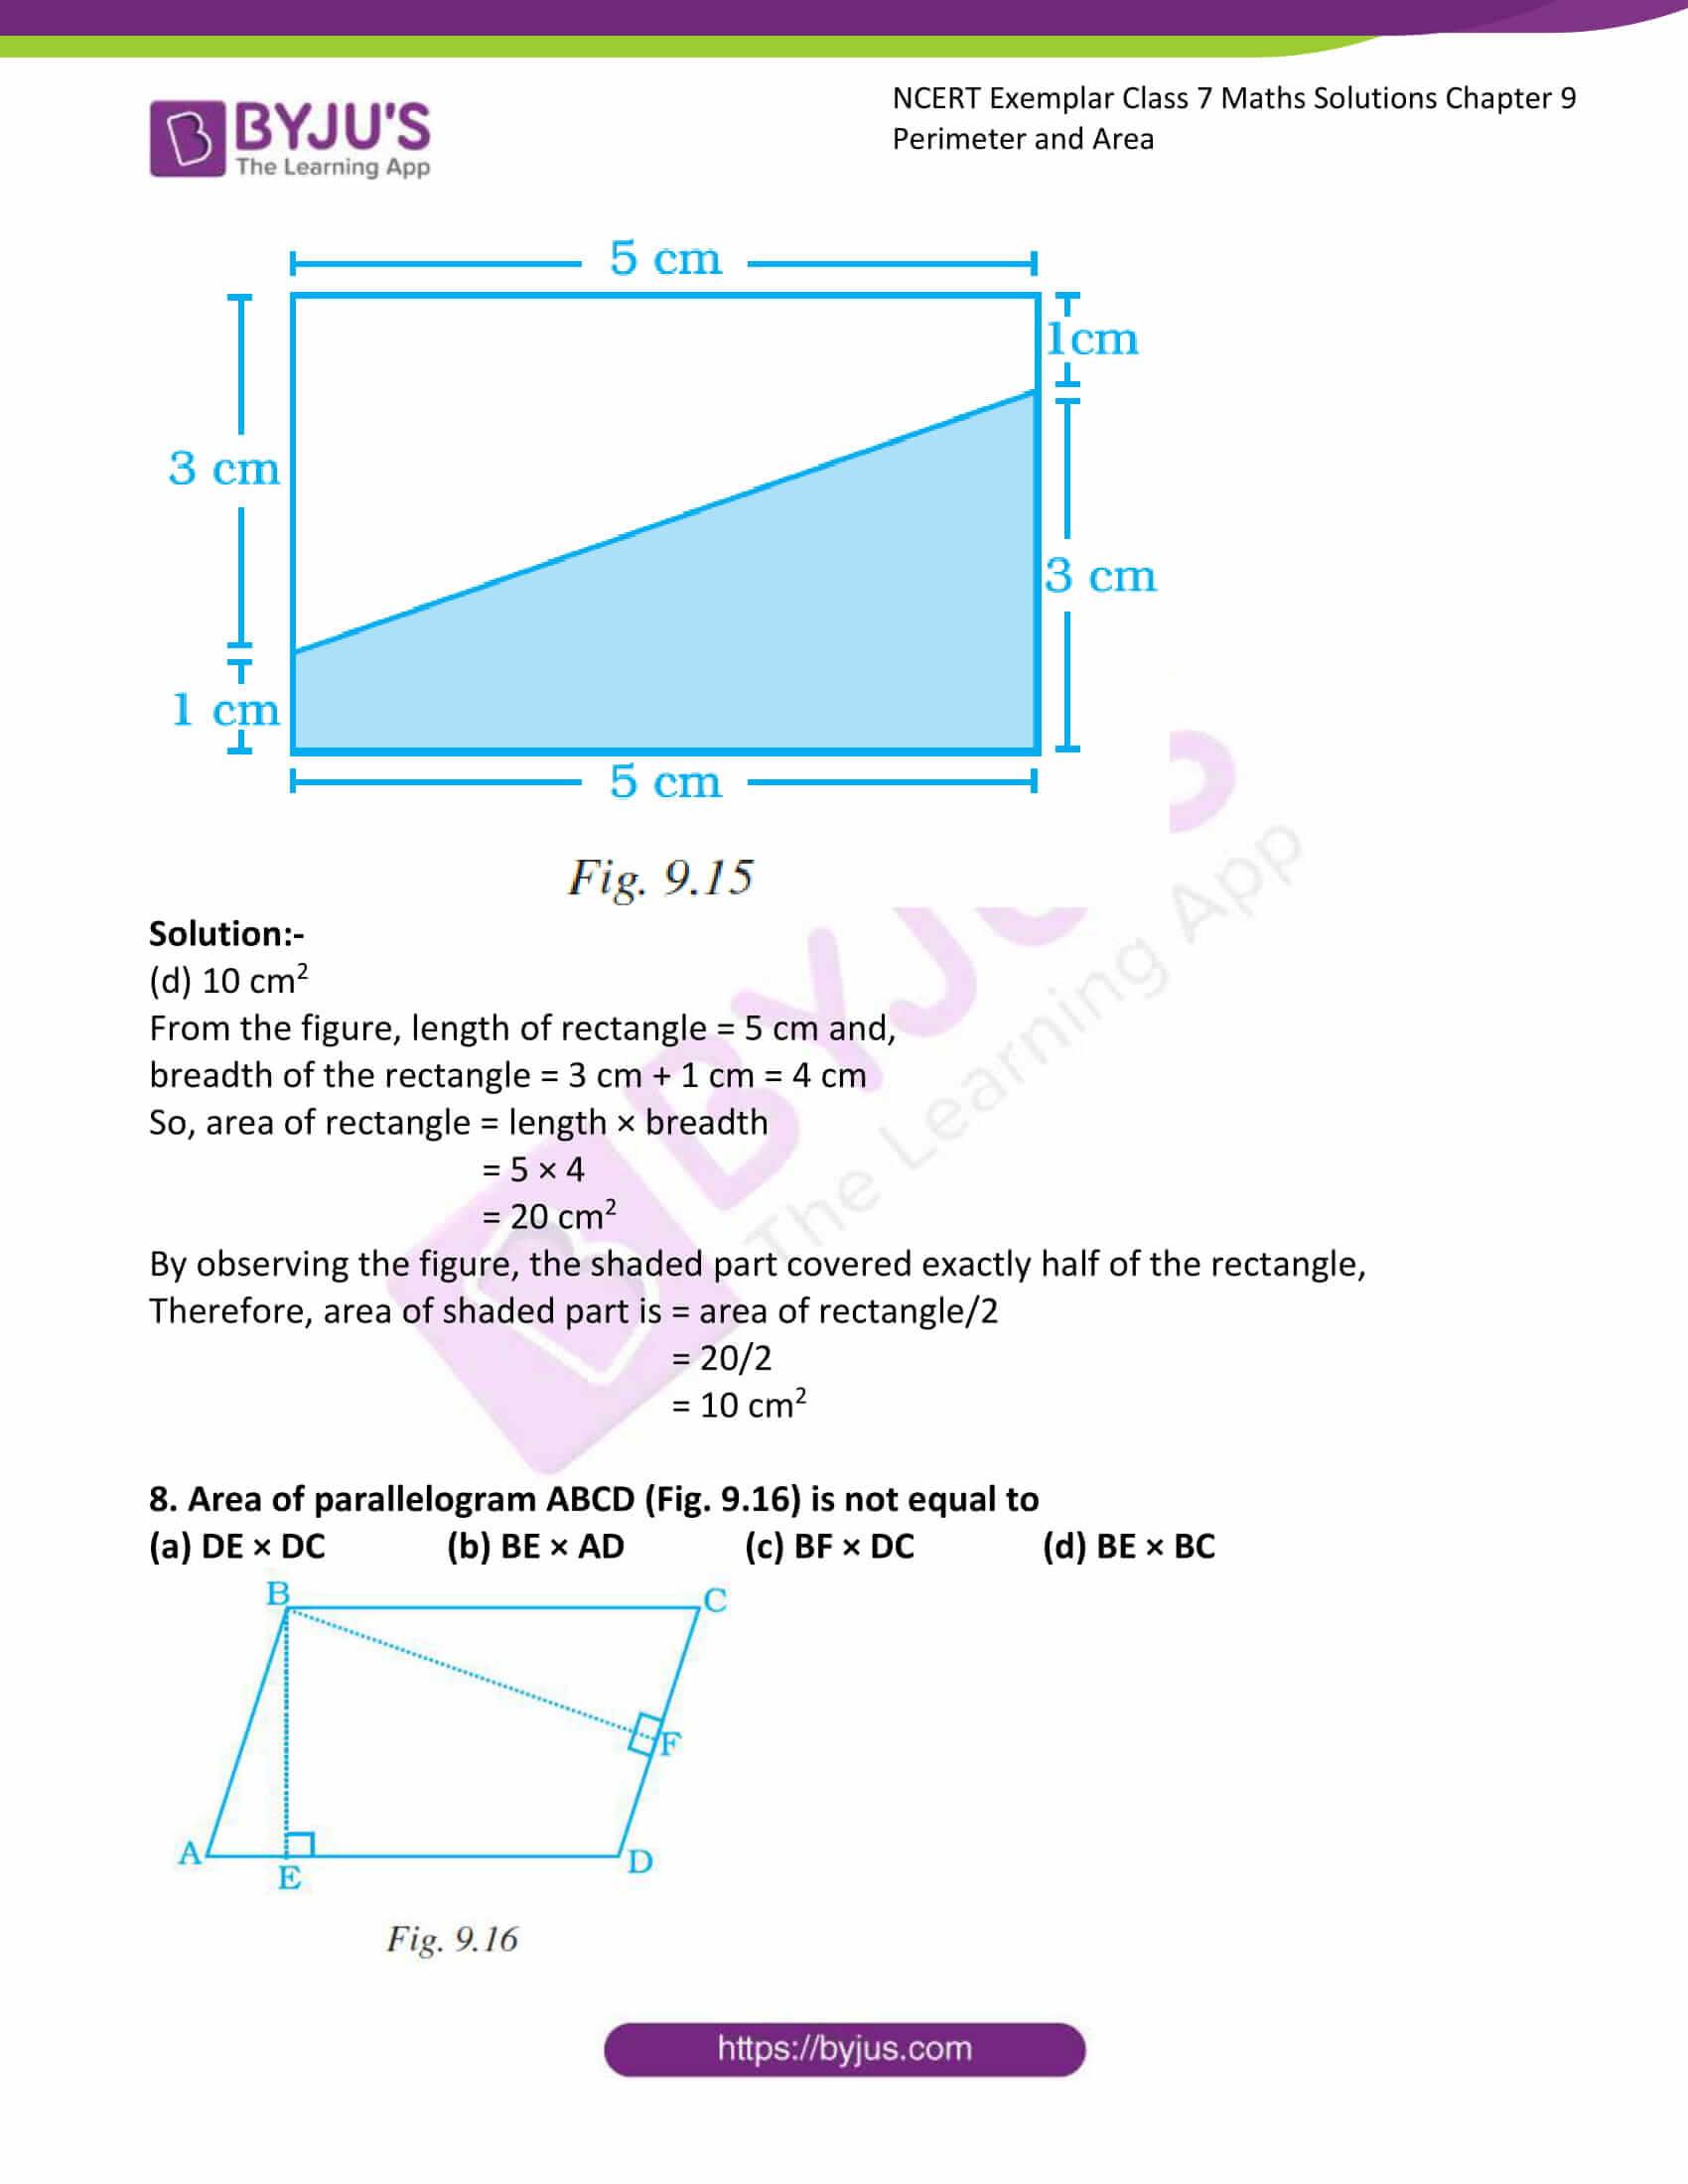 ncert exemplar class 7 maths solutions chapter 9 04